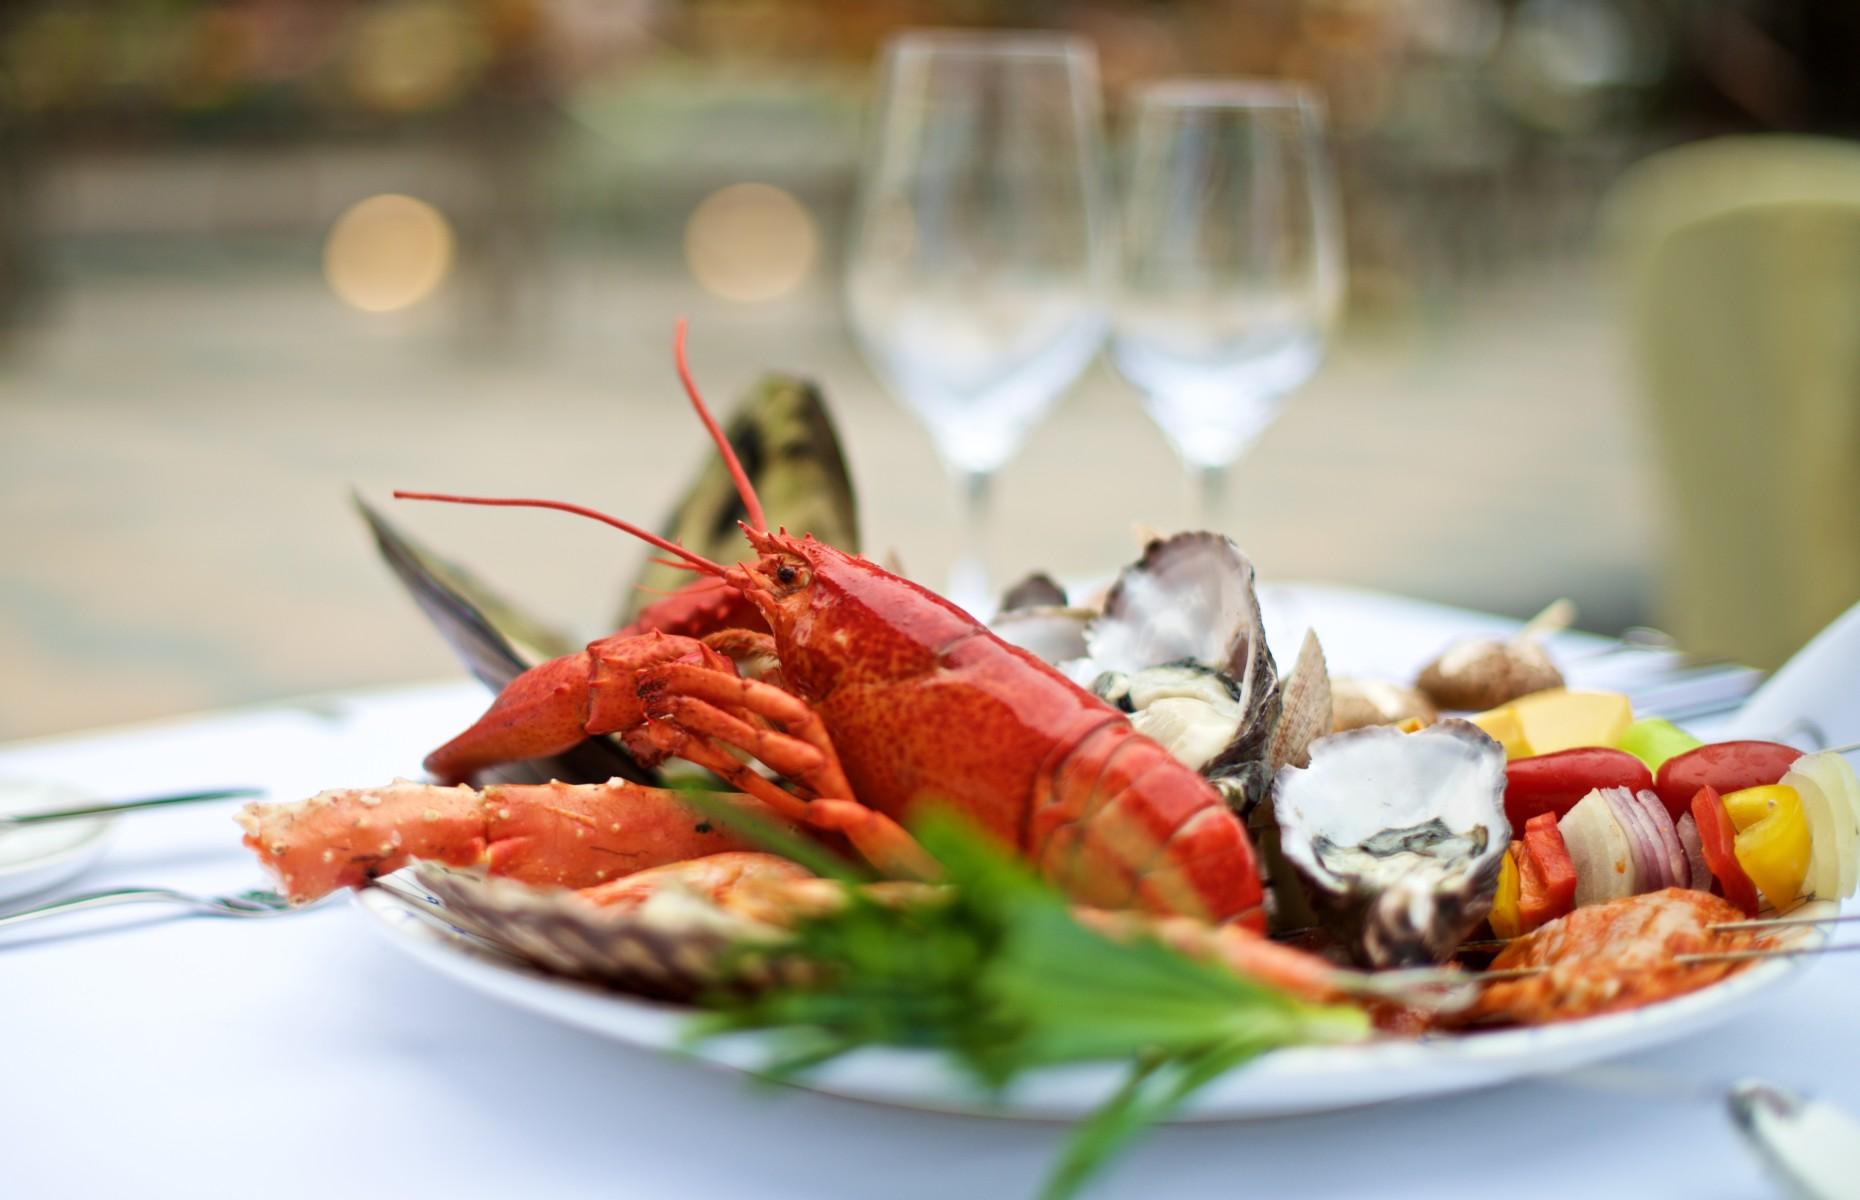 Lobster platter (Image: chuckstock/Shutterstock)